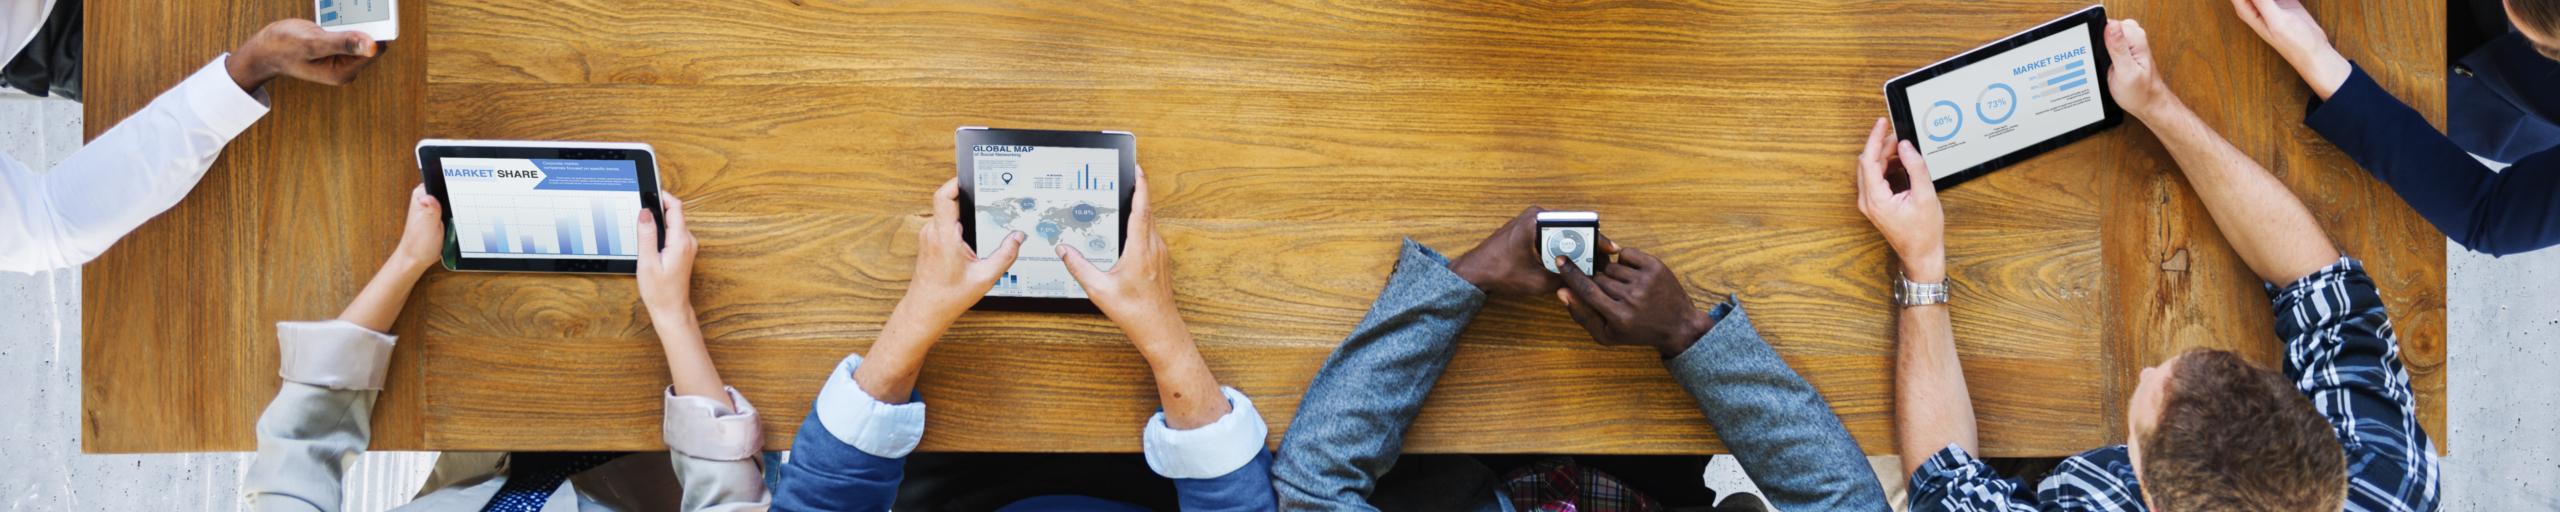 Headerbild Mobile Devices am Holztisch